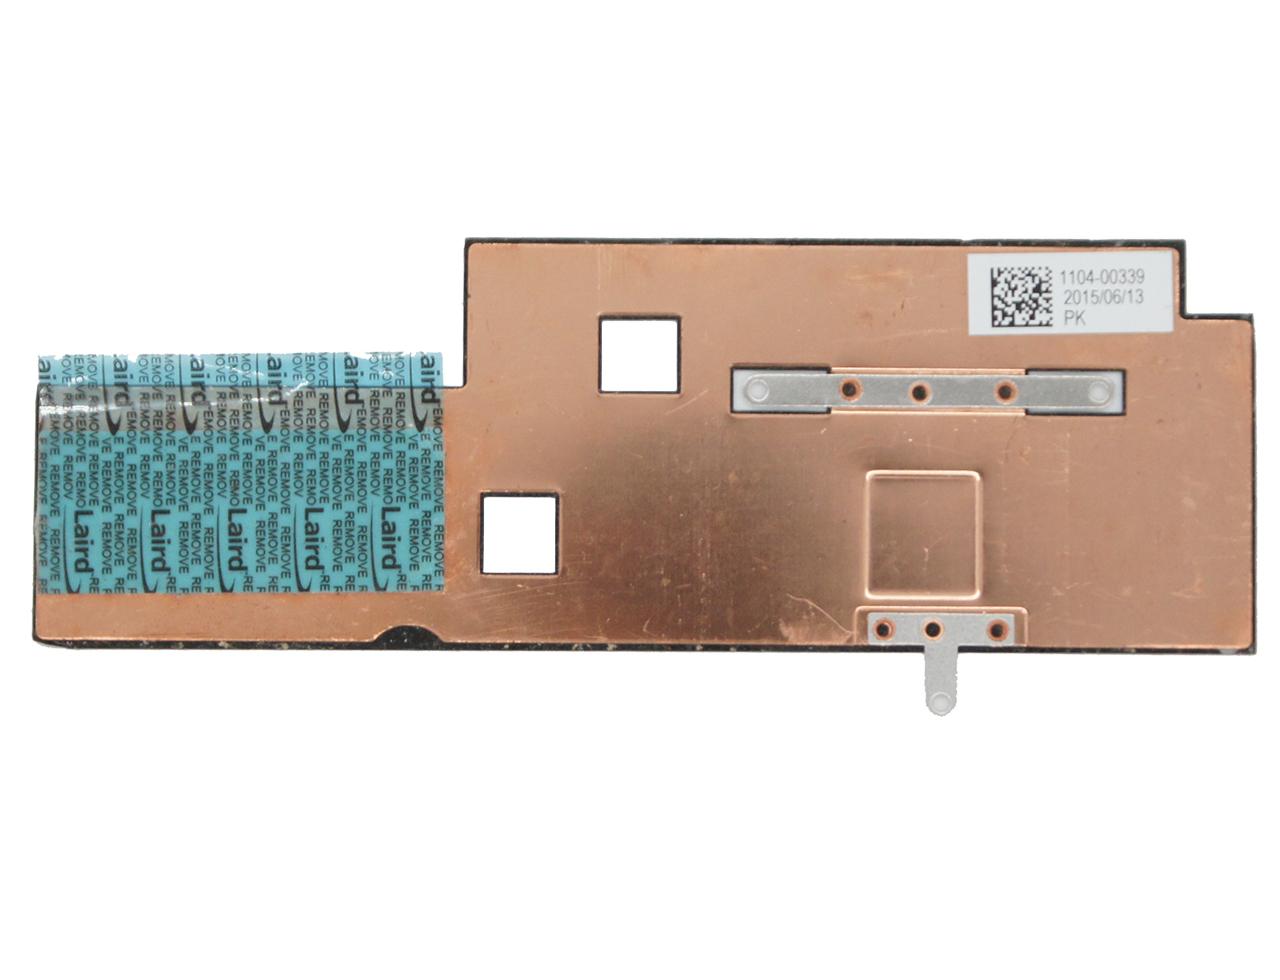 1104-00336 联想LENOVO FLEX 3-1120 80LX SERIES散热模组 铜片 散热器